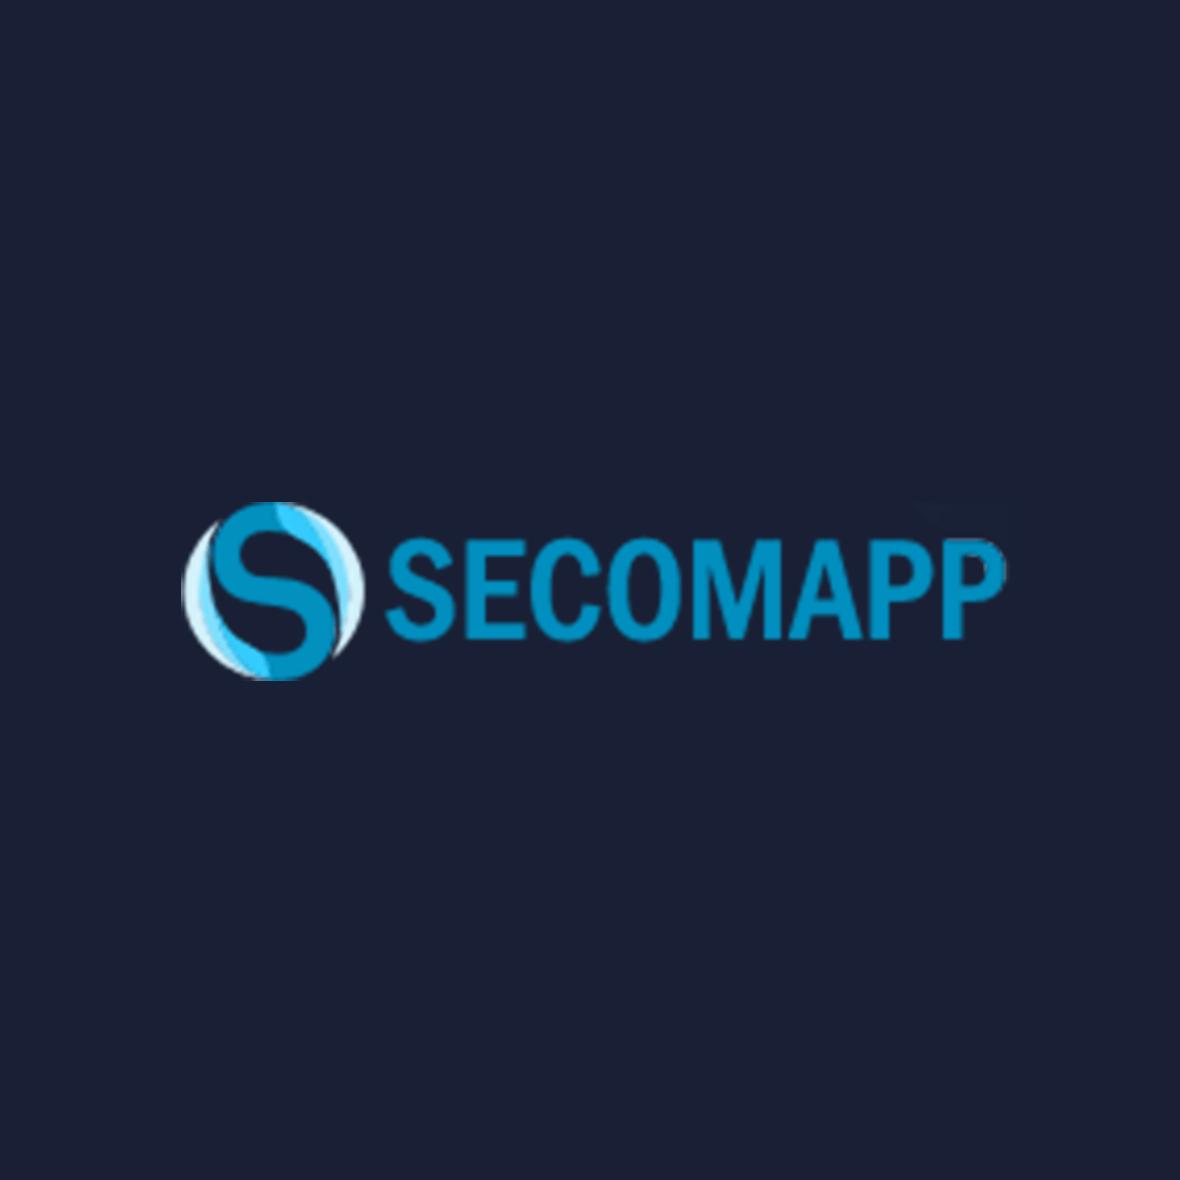 Secomapp